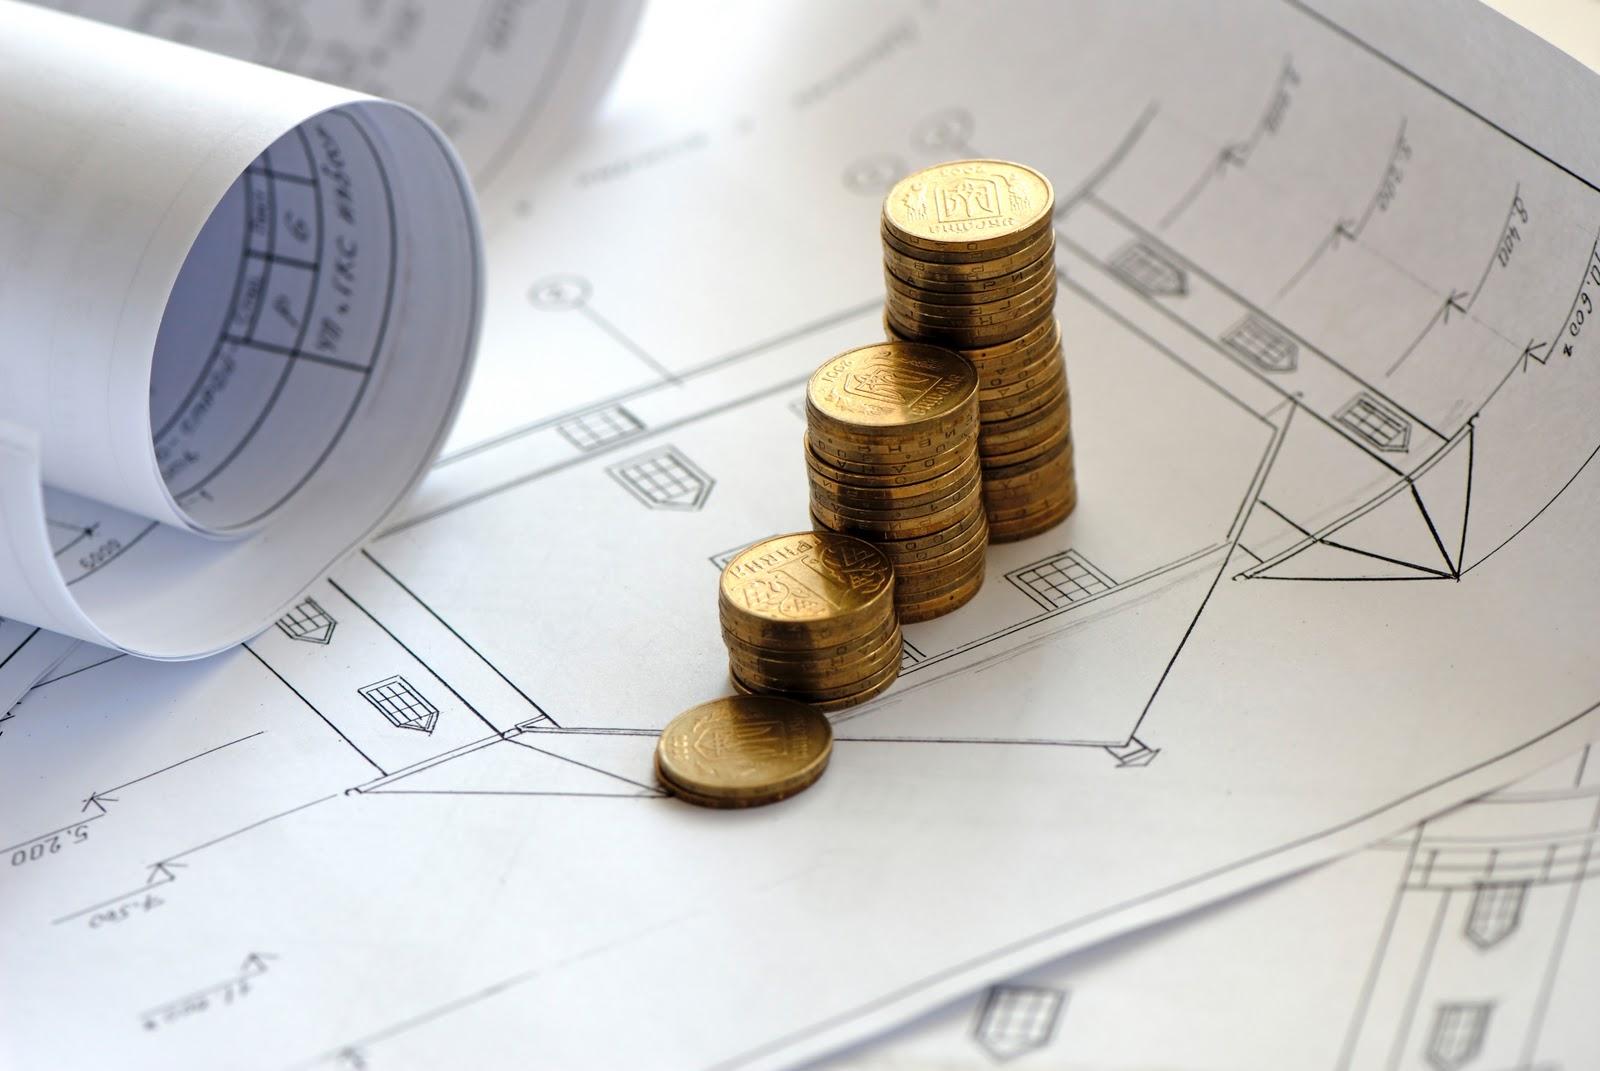 Simulateur d'investissement Immobilier : Calcul de l'impact fiscal, de l'effort d'épargne et du rendement